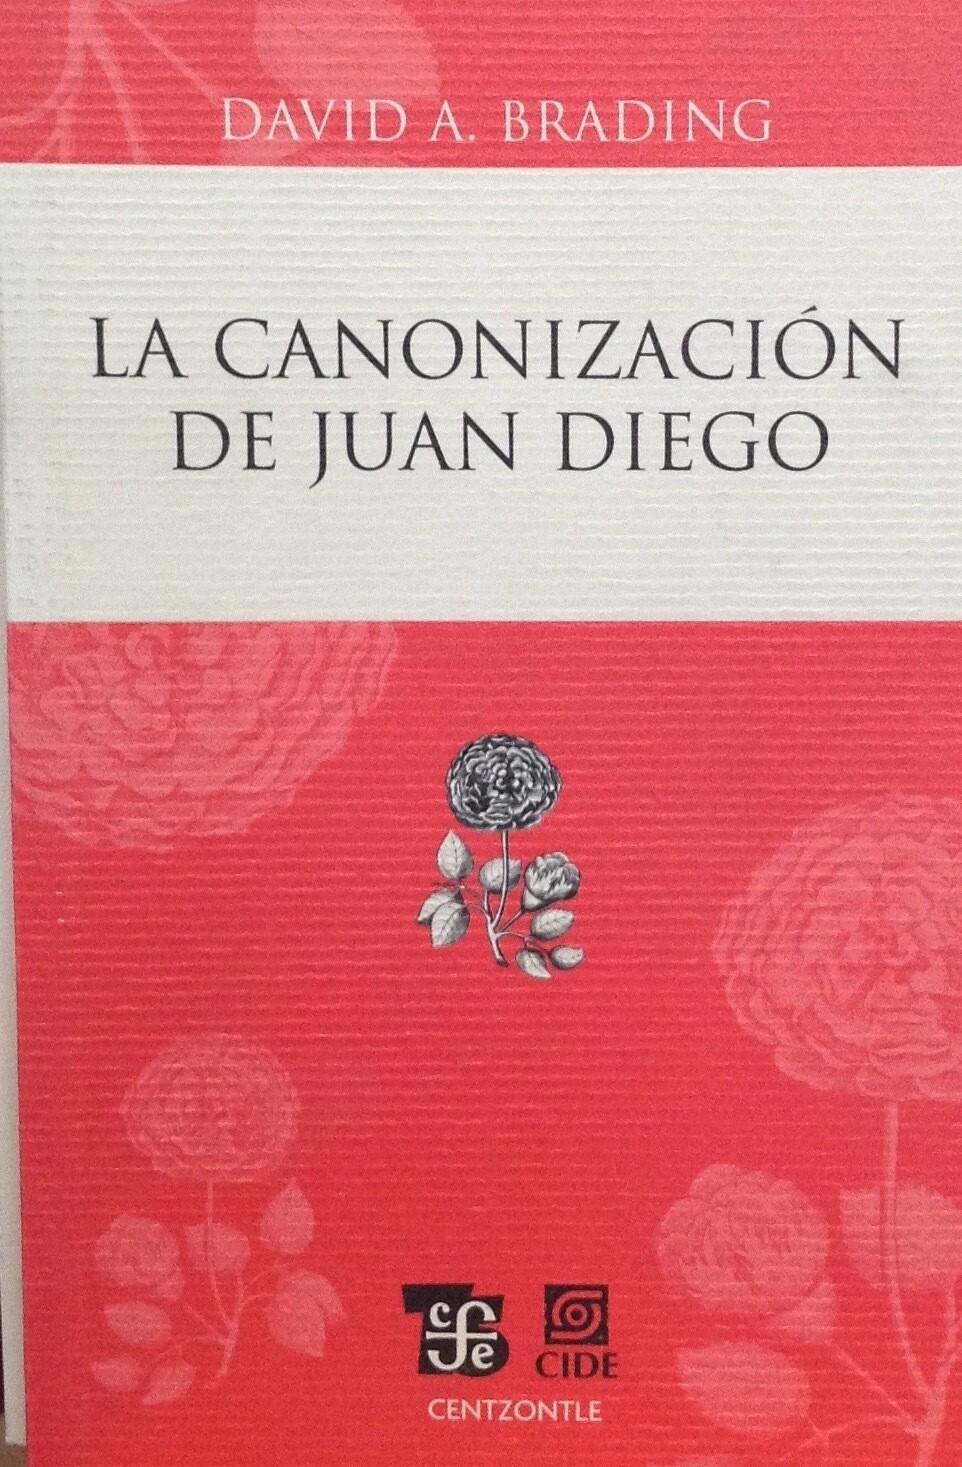 David A. Brading, La canonización de Juan Diego